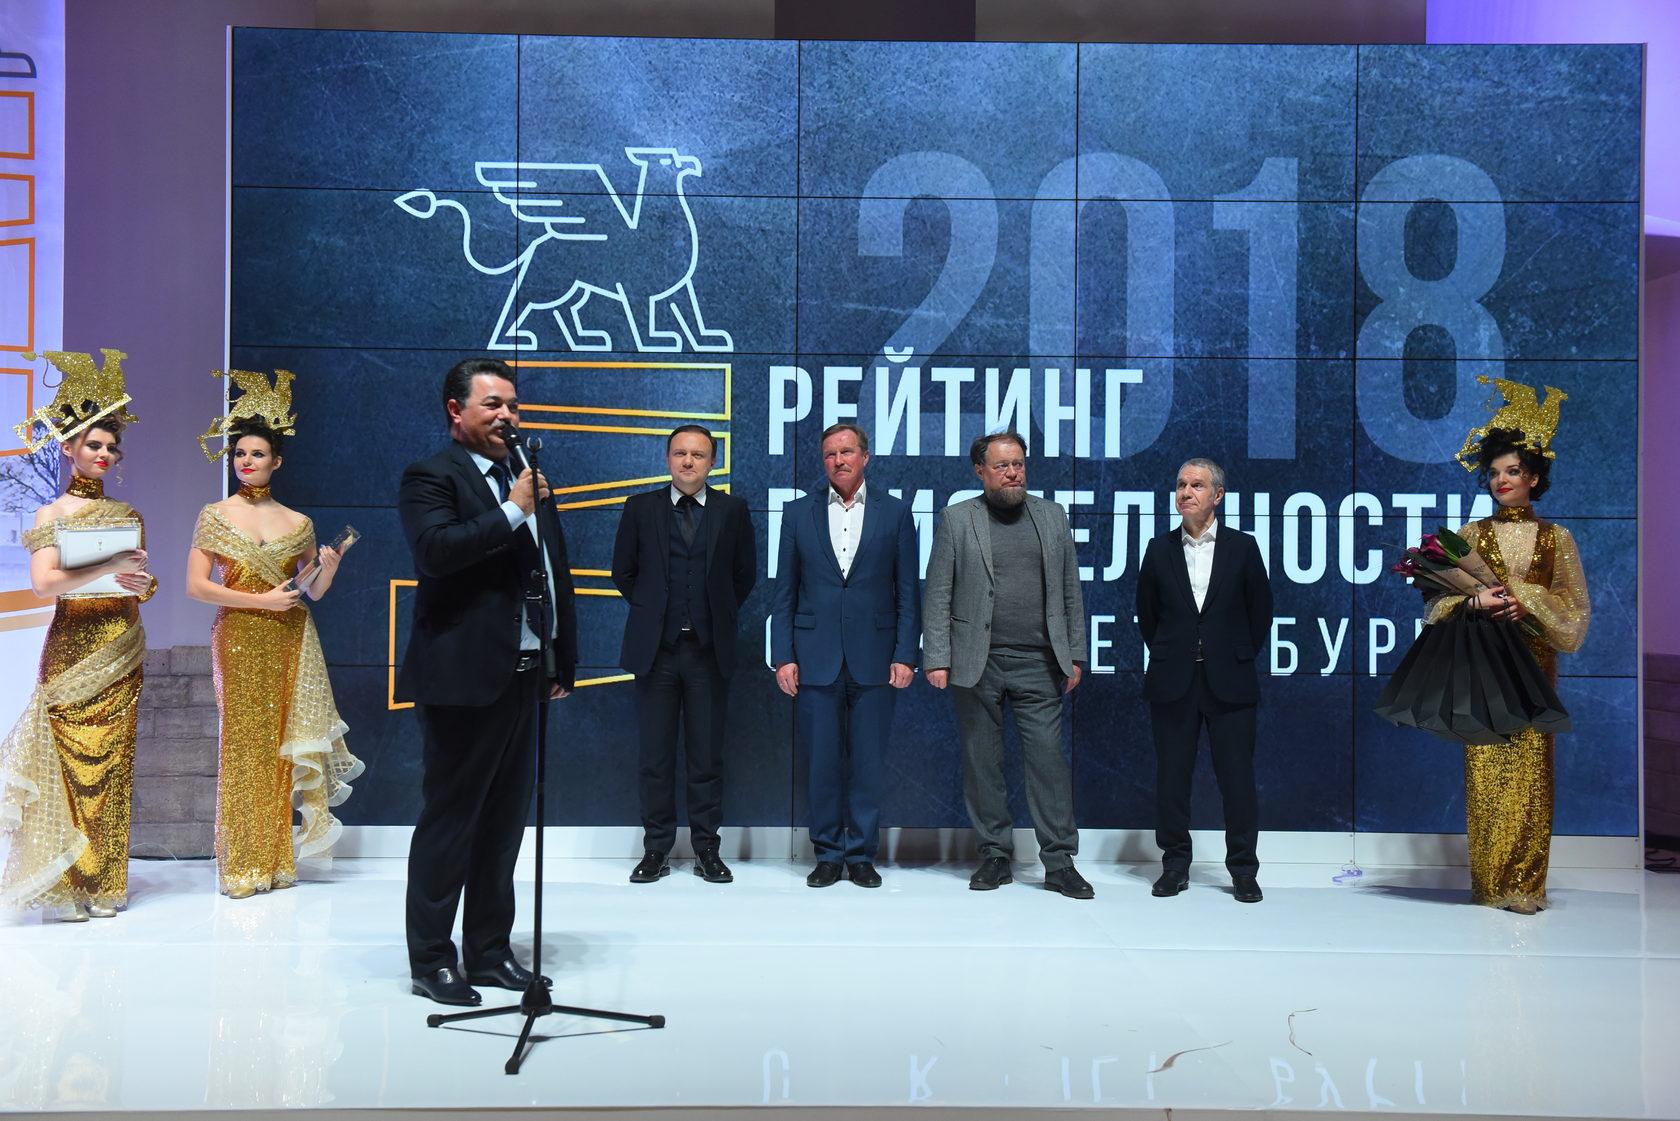 Награждение «Самых влиятельных на строительном рынке Петербурга» 2018 года по мнению экспертов Рейтинга